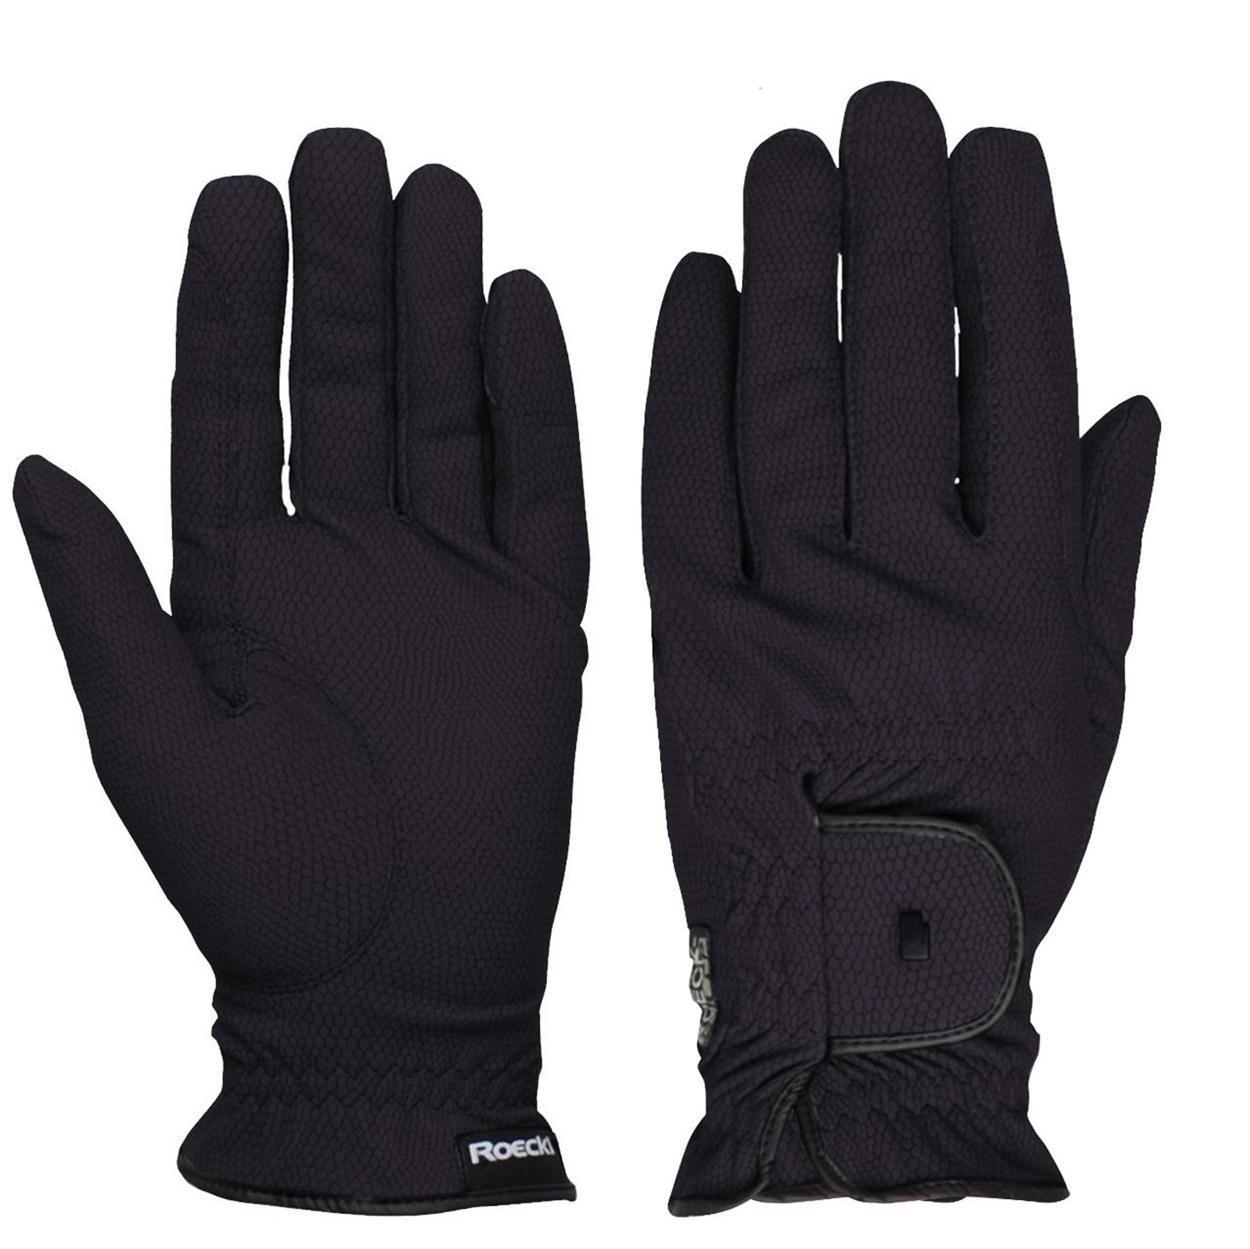 Roeckl Roeck grip Handschoen zwart maat:8,5